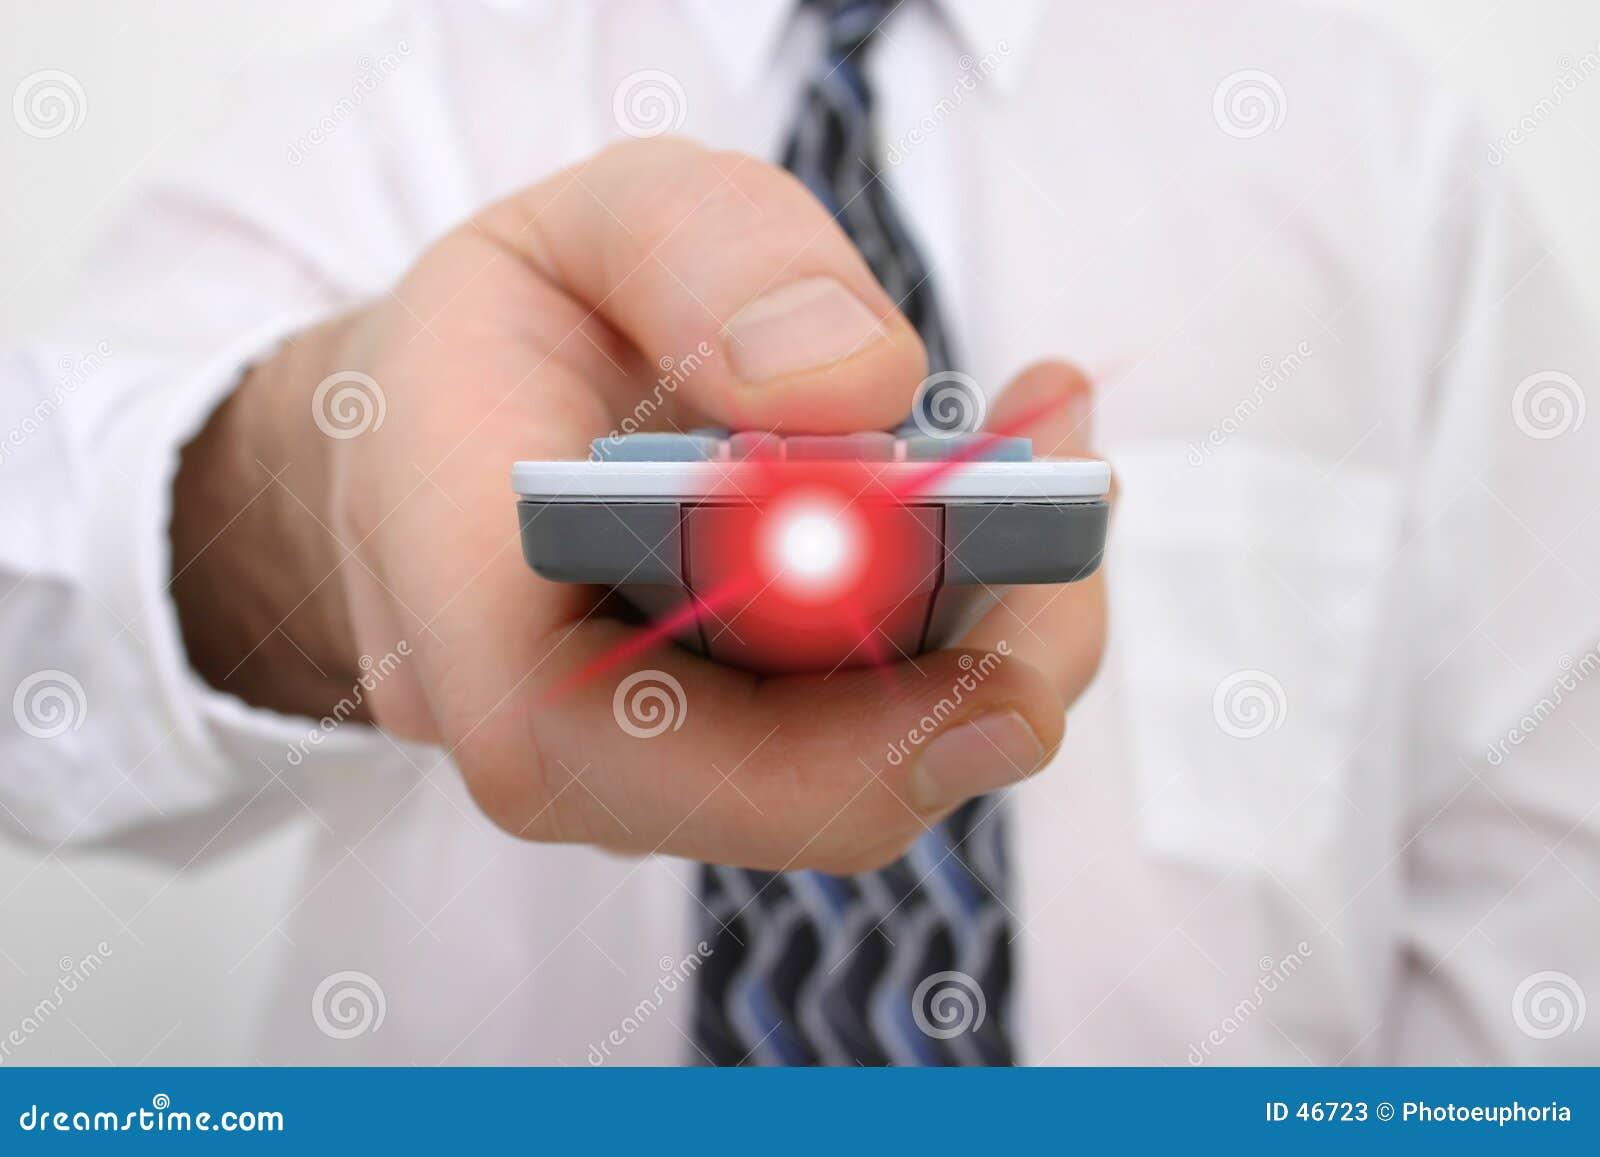 La main de l homme sur un à télécommande avec la lumière rayonnant du distant